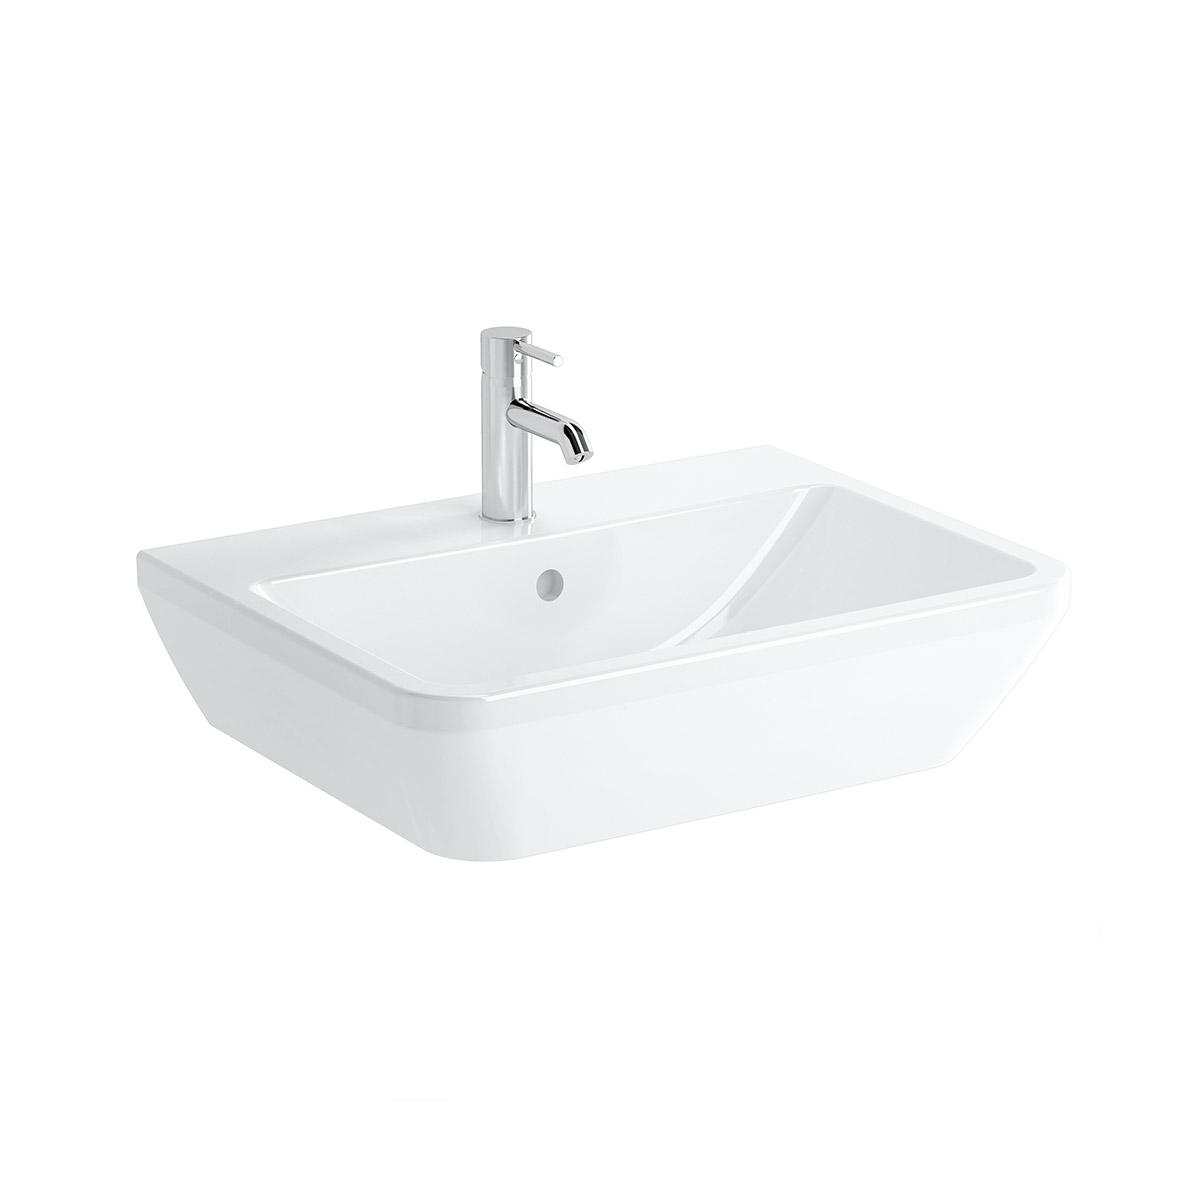 Integra Waschtisch, 65 cm, eckig, mit Hahnloch, mit Überlaufloch, Weiß, VitrA Clean